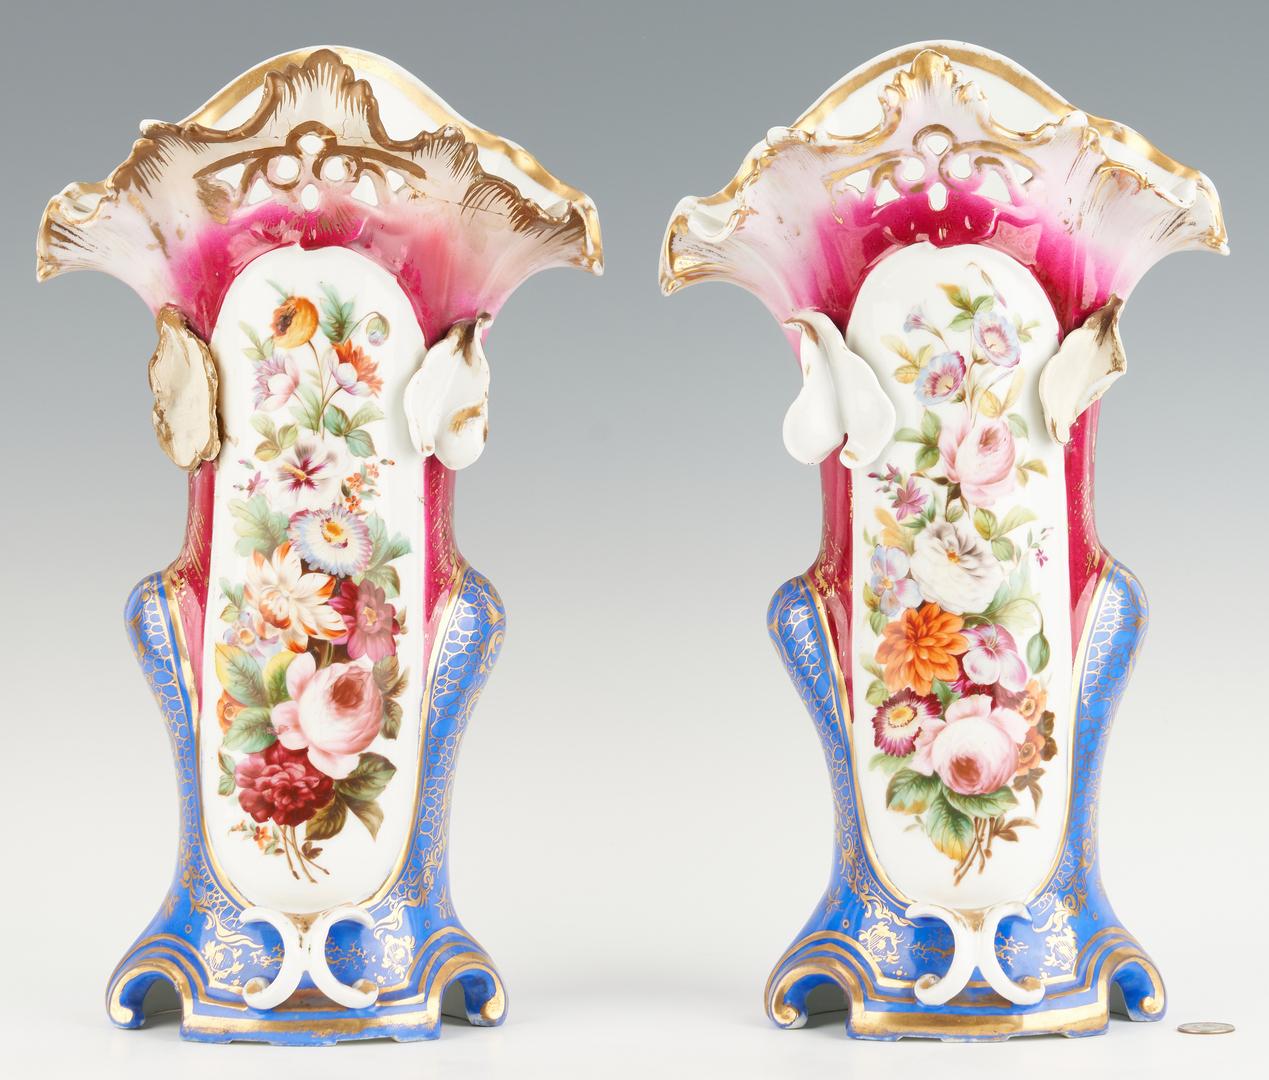 Lot 1089: 2 Pairs Old Paris Porcelain Vases